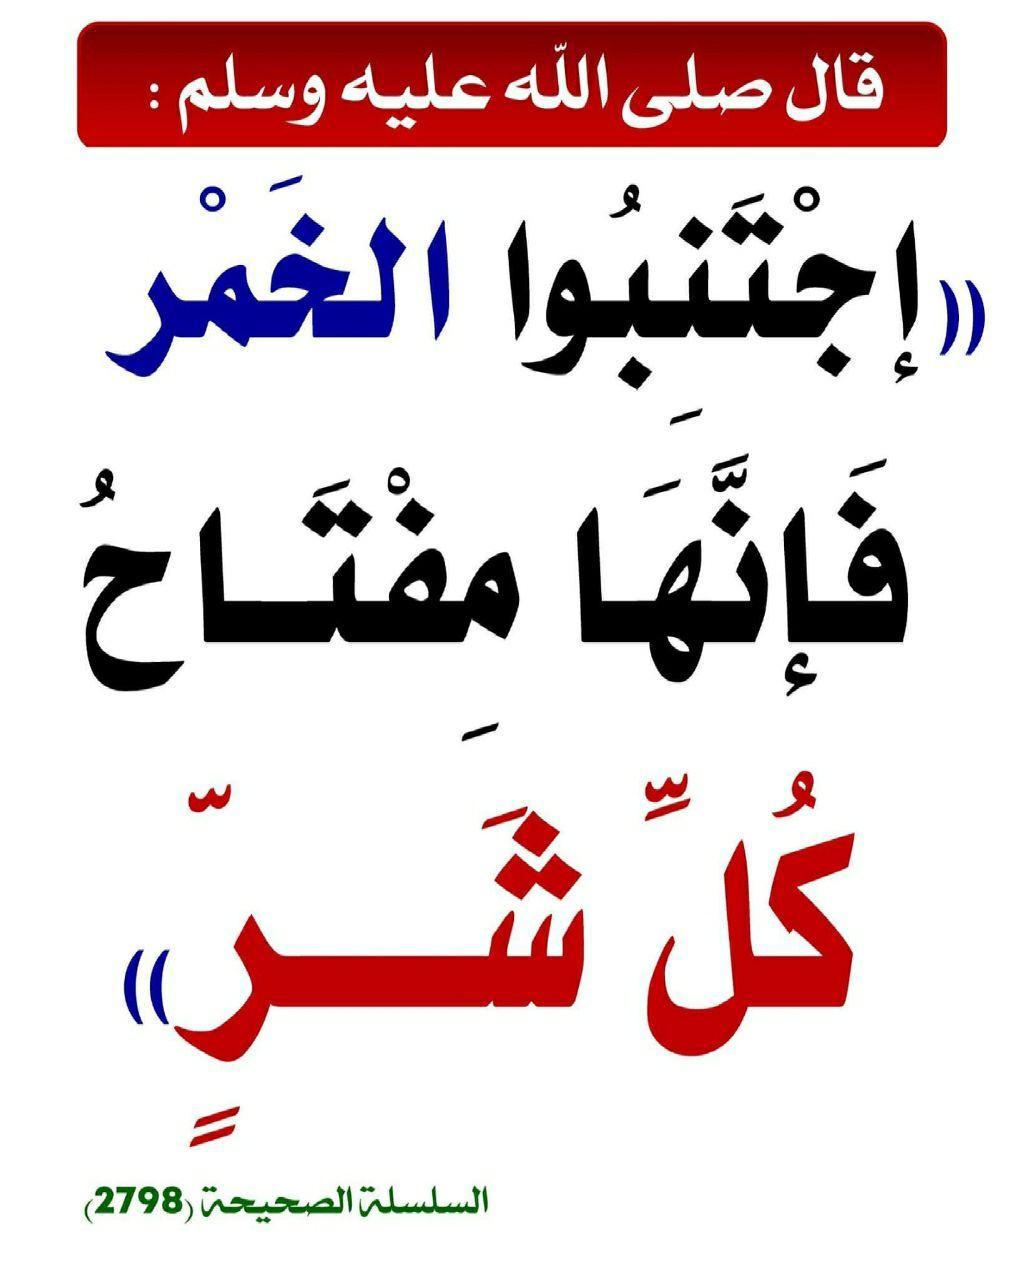 Pin By الأثر الجميل On أحاديث نبوية Islamic Quotes Islam Quran Hadith